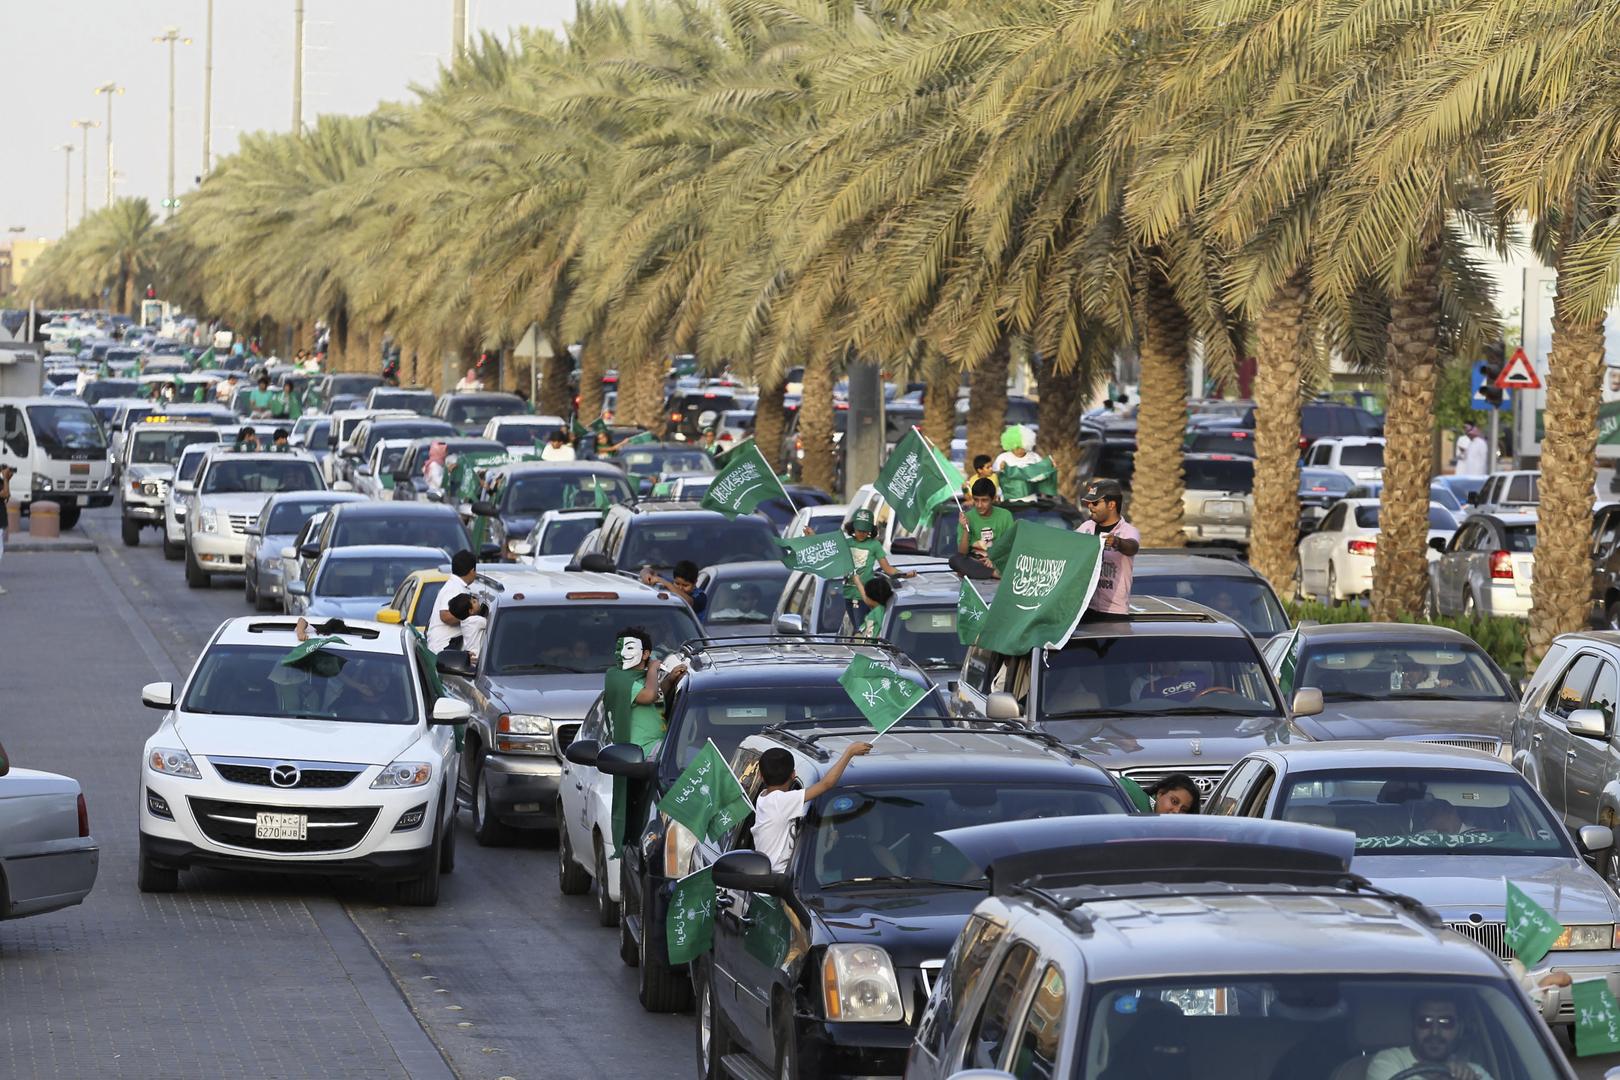 مع دخوله حيز التنفيذ.. نظام إلغاء الكفالة في السعودية لن يشمل 5 مهن